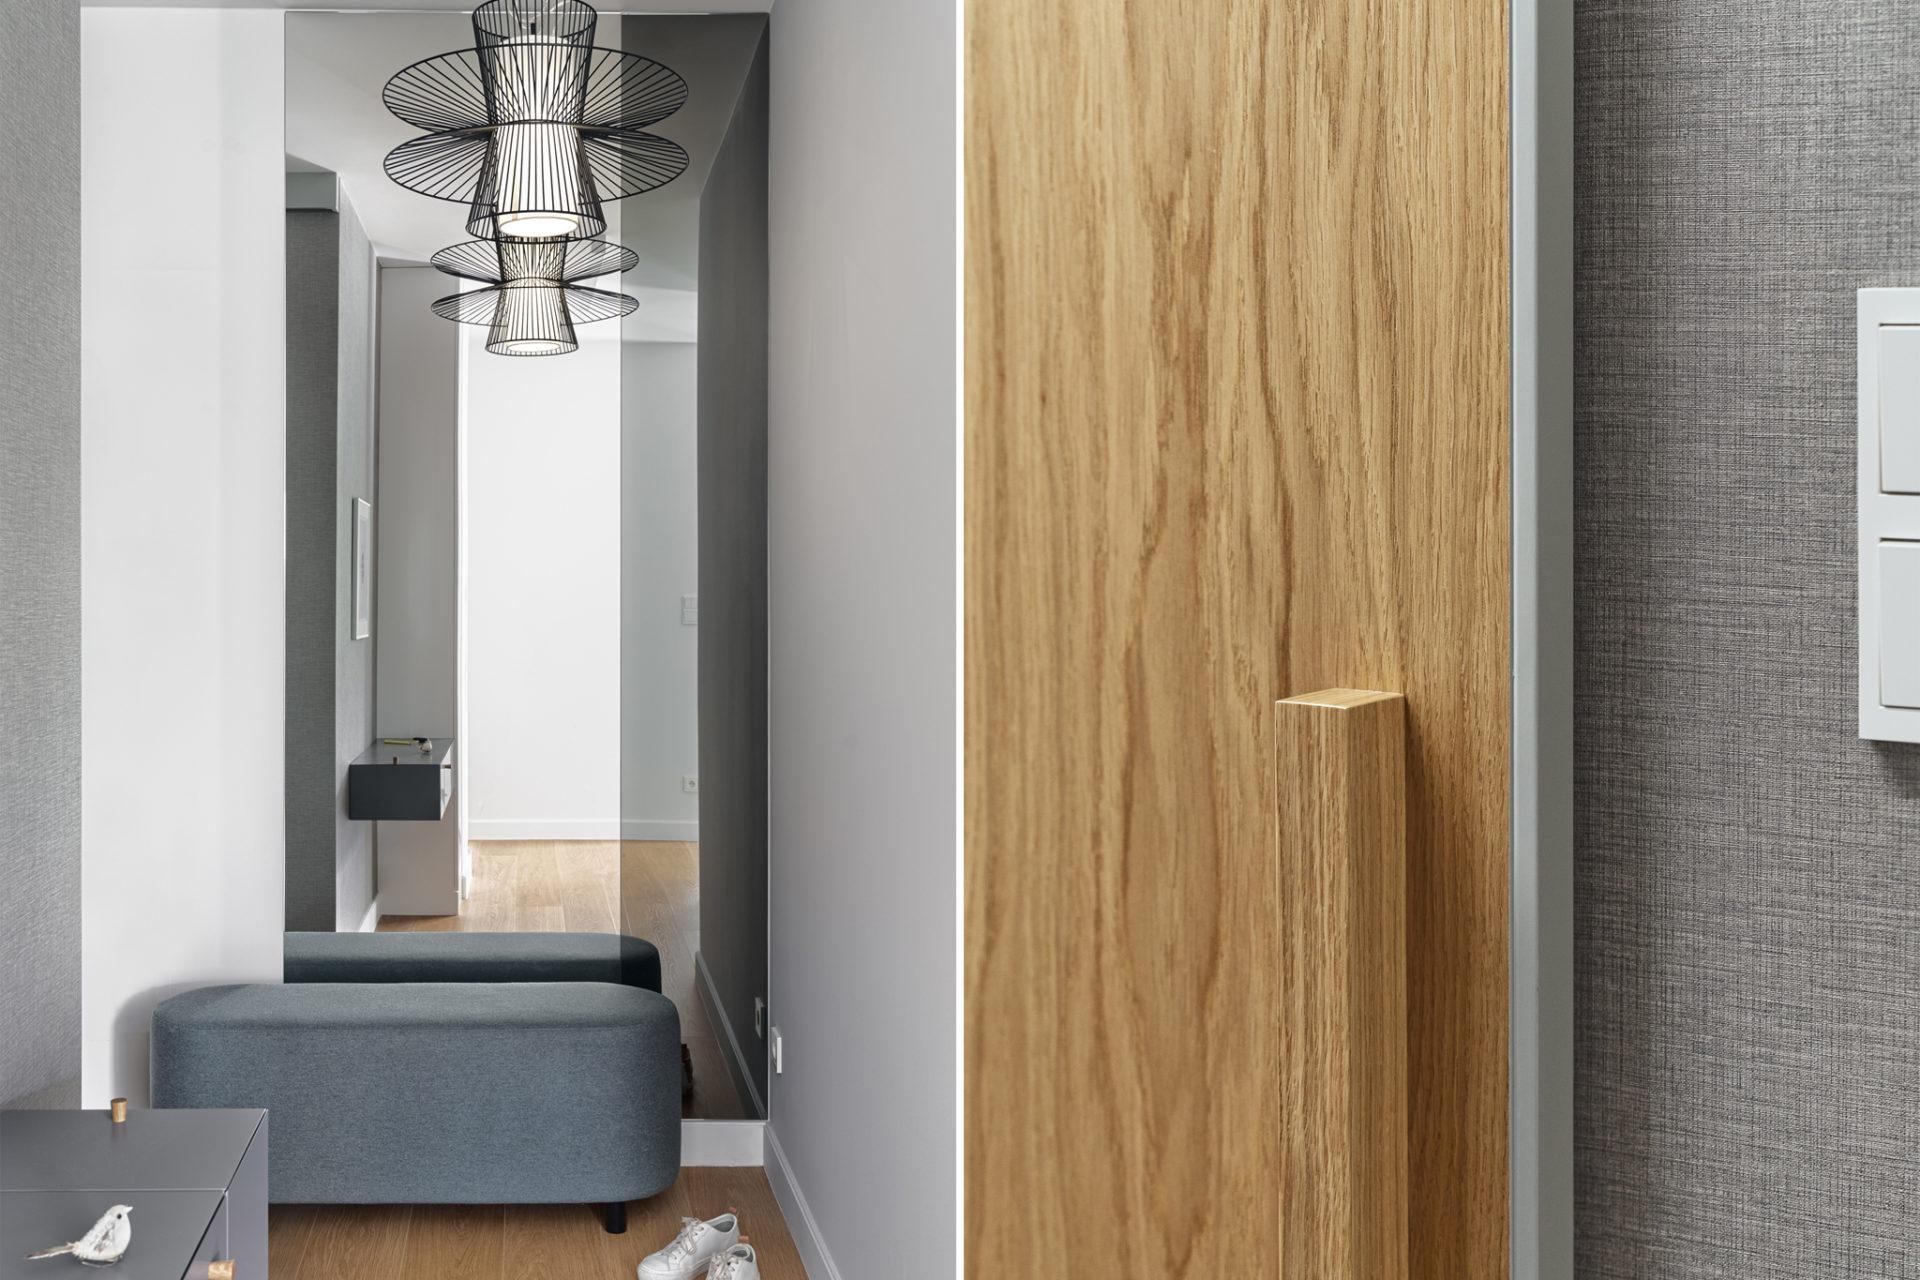 Apartament w Gdyni 2020 - 01